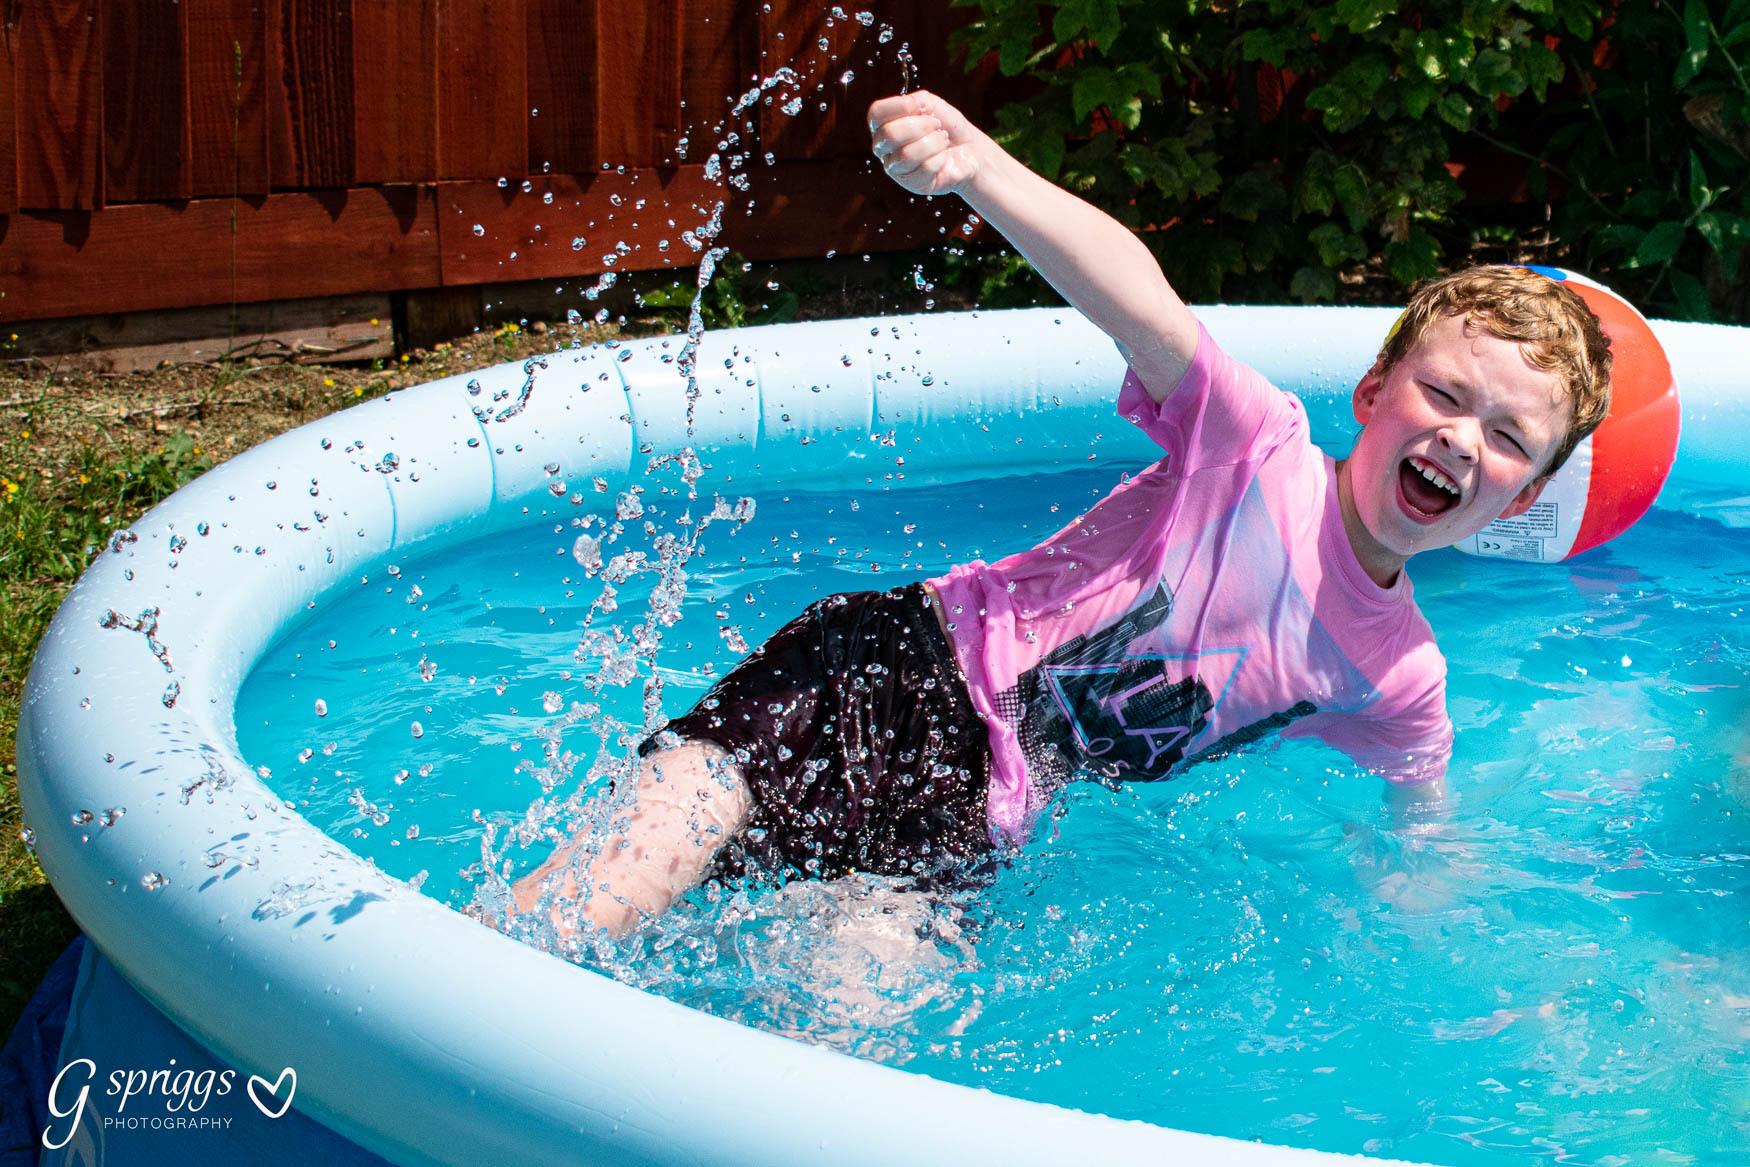 My son having fun in the pool